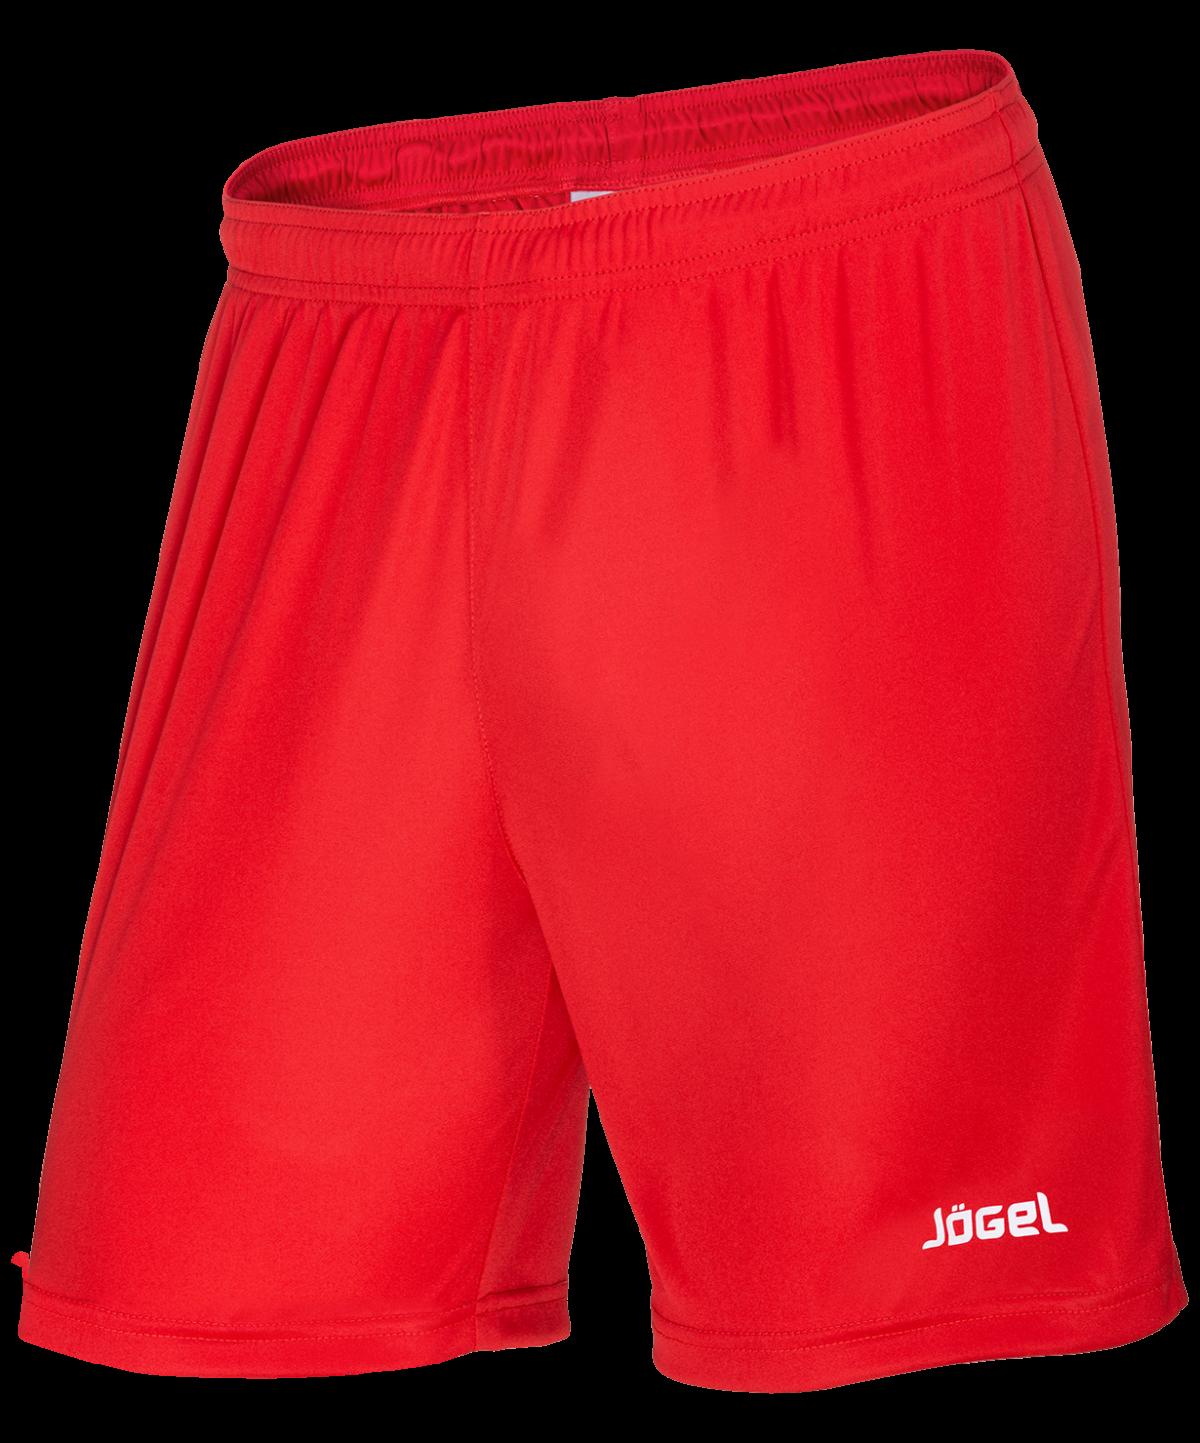 JOGEL Шорты футбольные, красный/белый  JFS-1110-021 - 1